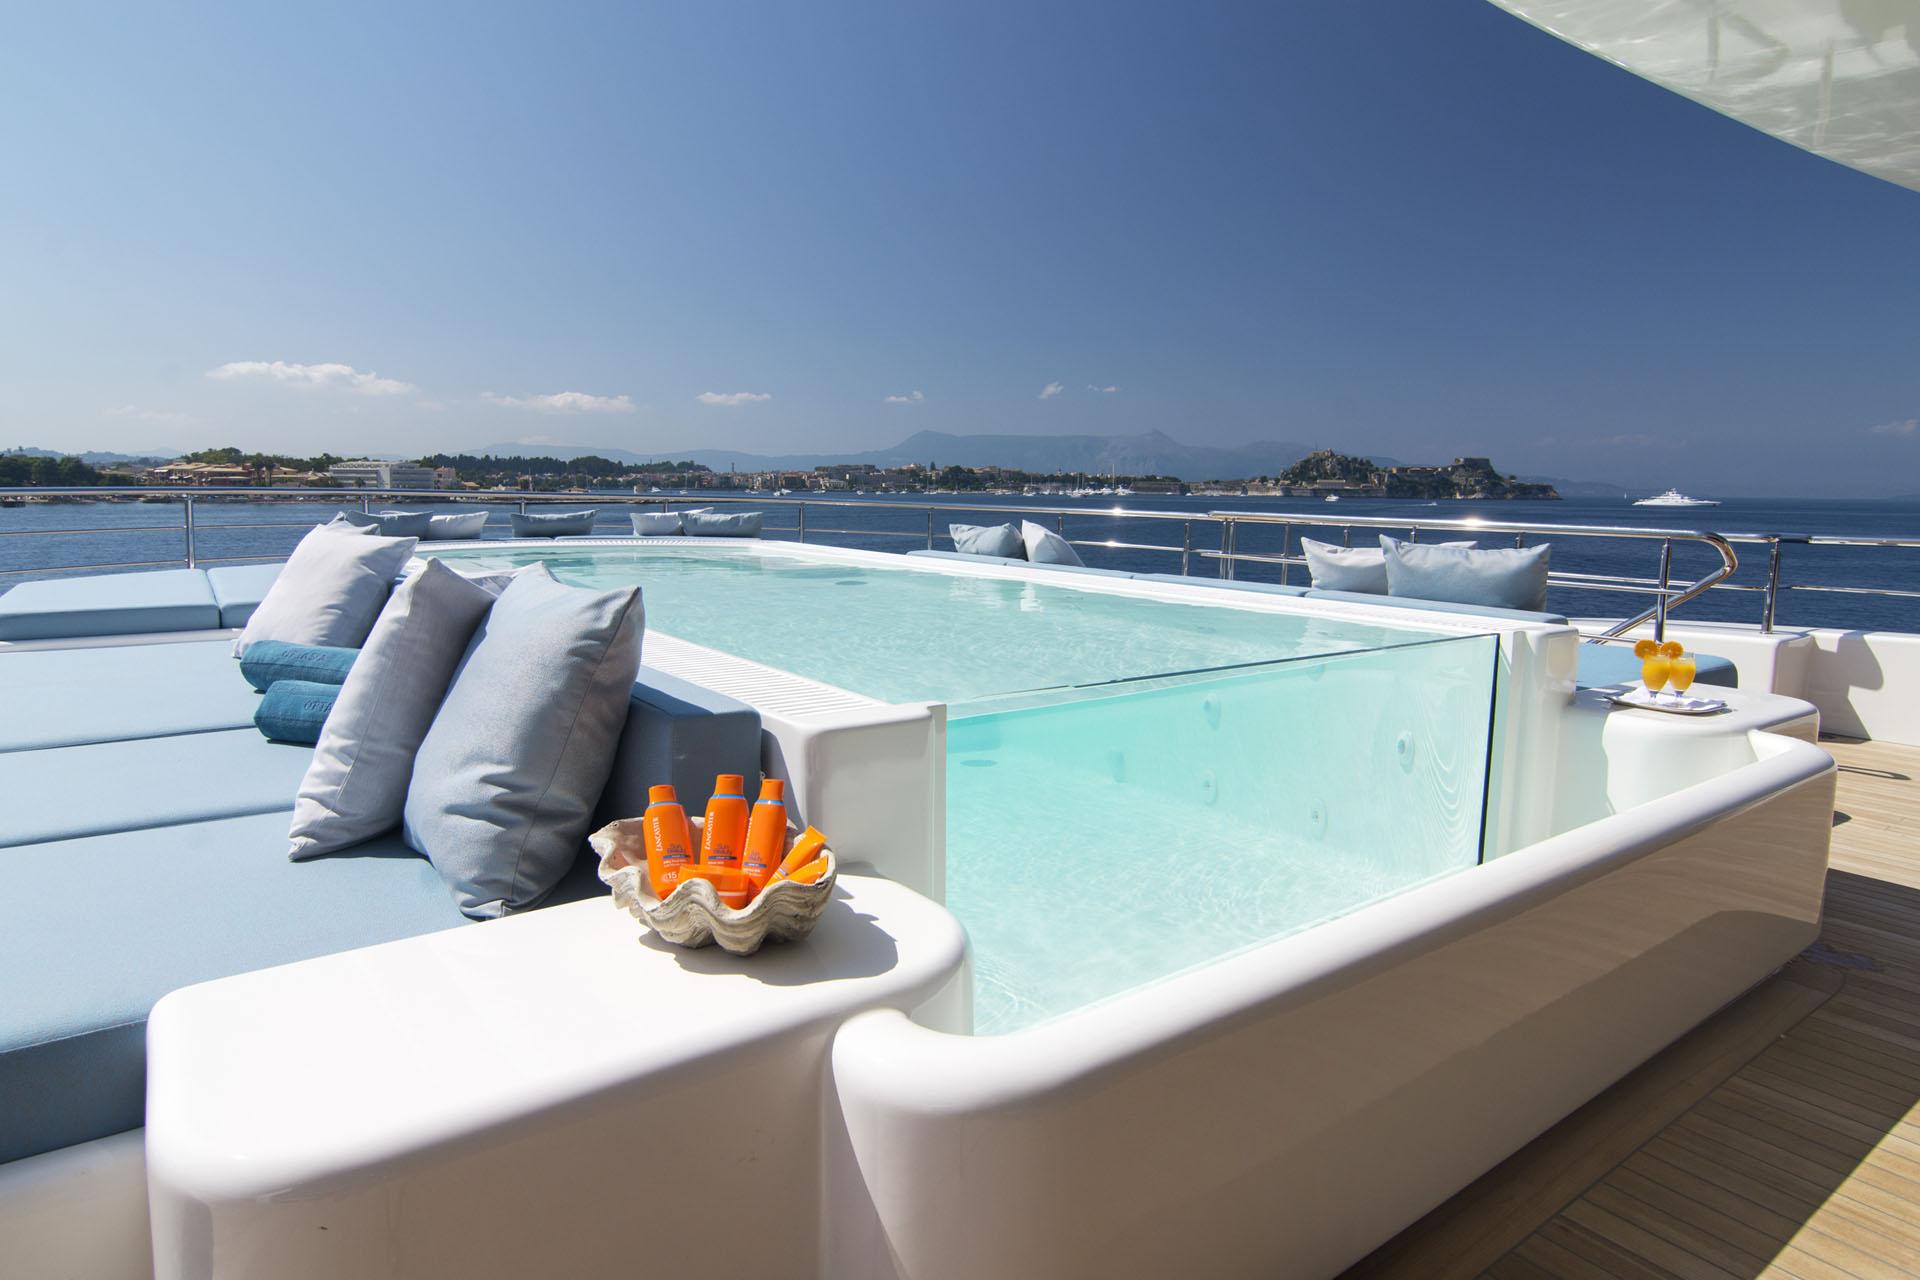 Pool On Mega Yacht